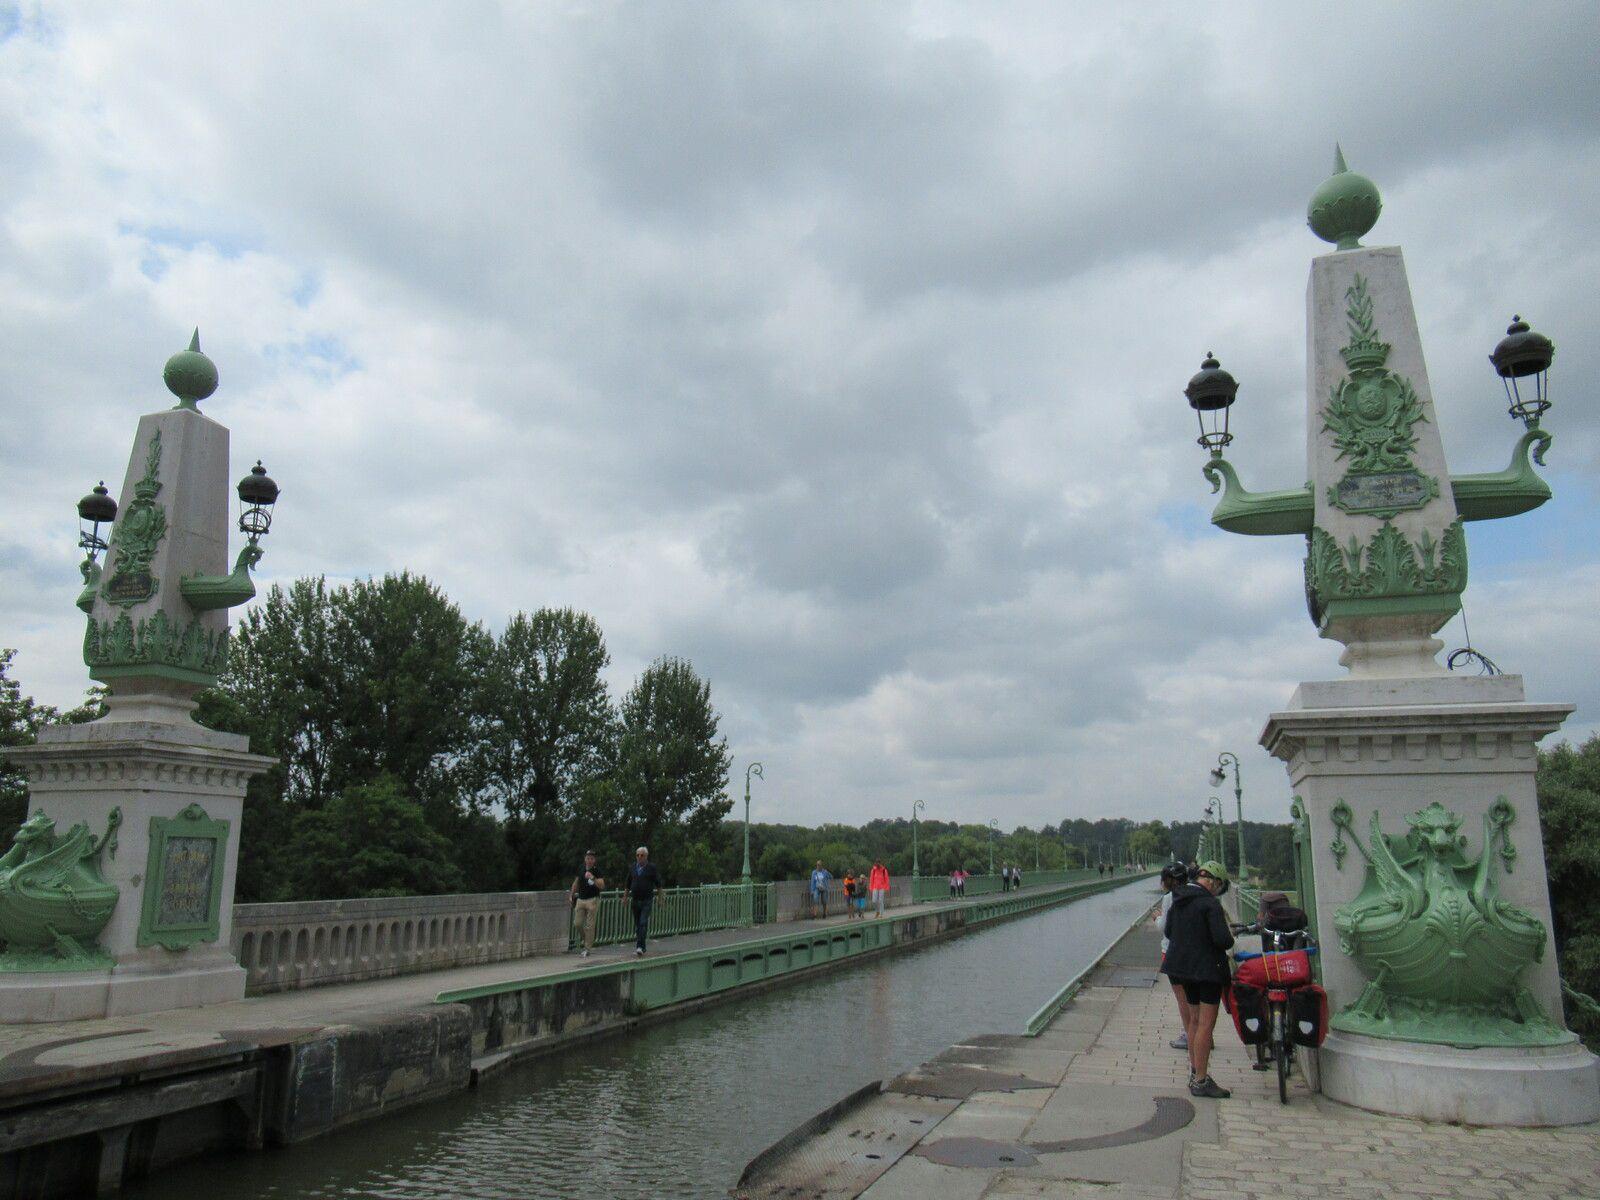 Le Centre-Val de Loire à vélo : Etape 8 -  Belleville-sur-Loire / Sully-sur-Loire - 58,1 km